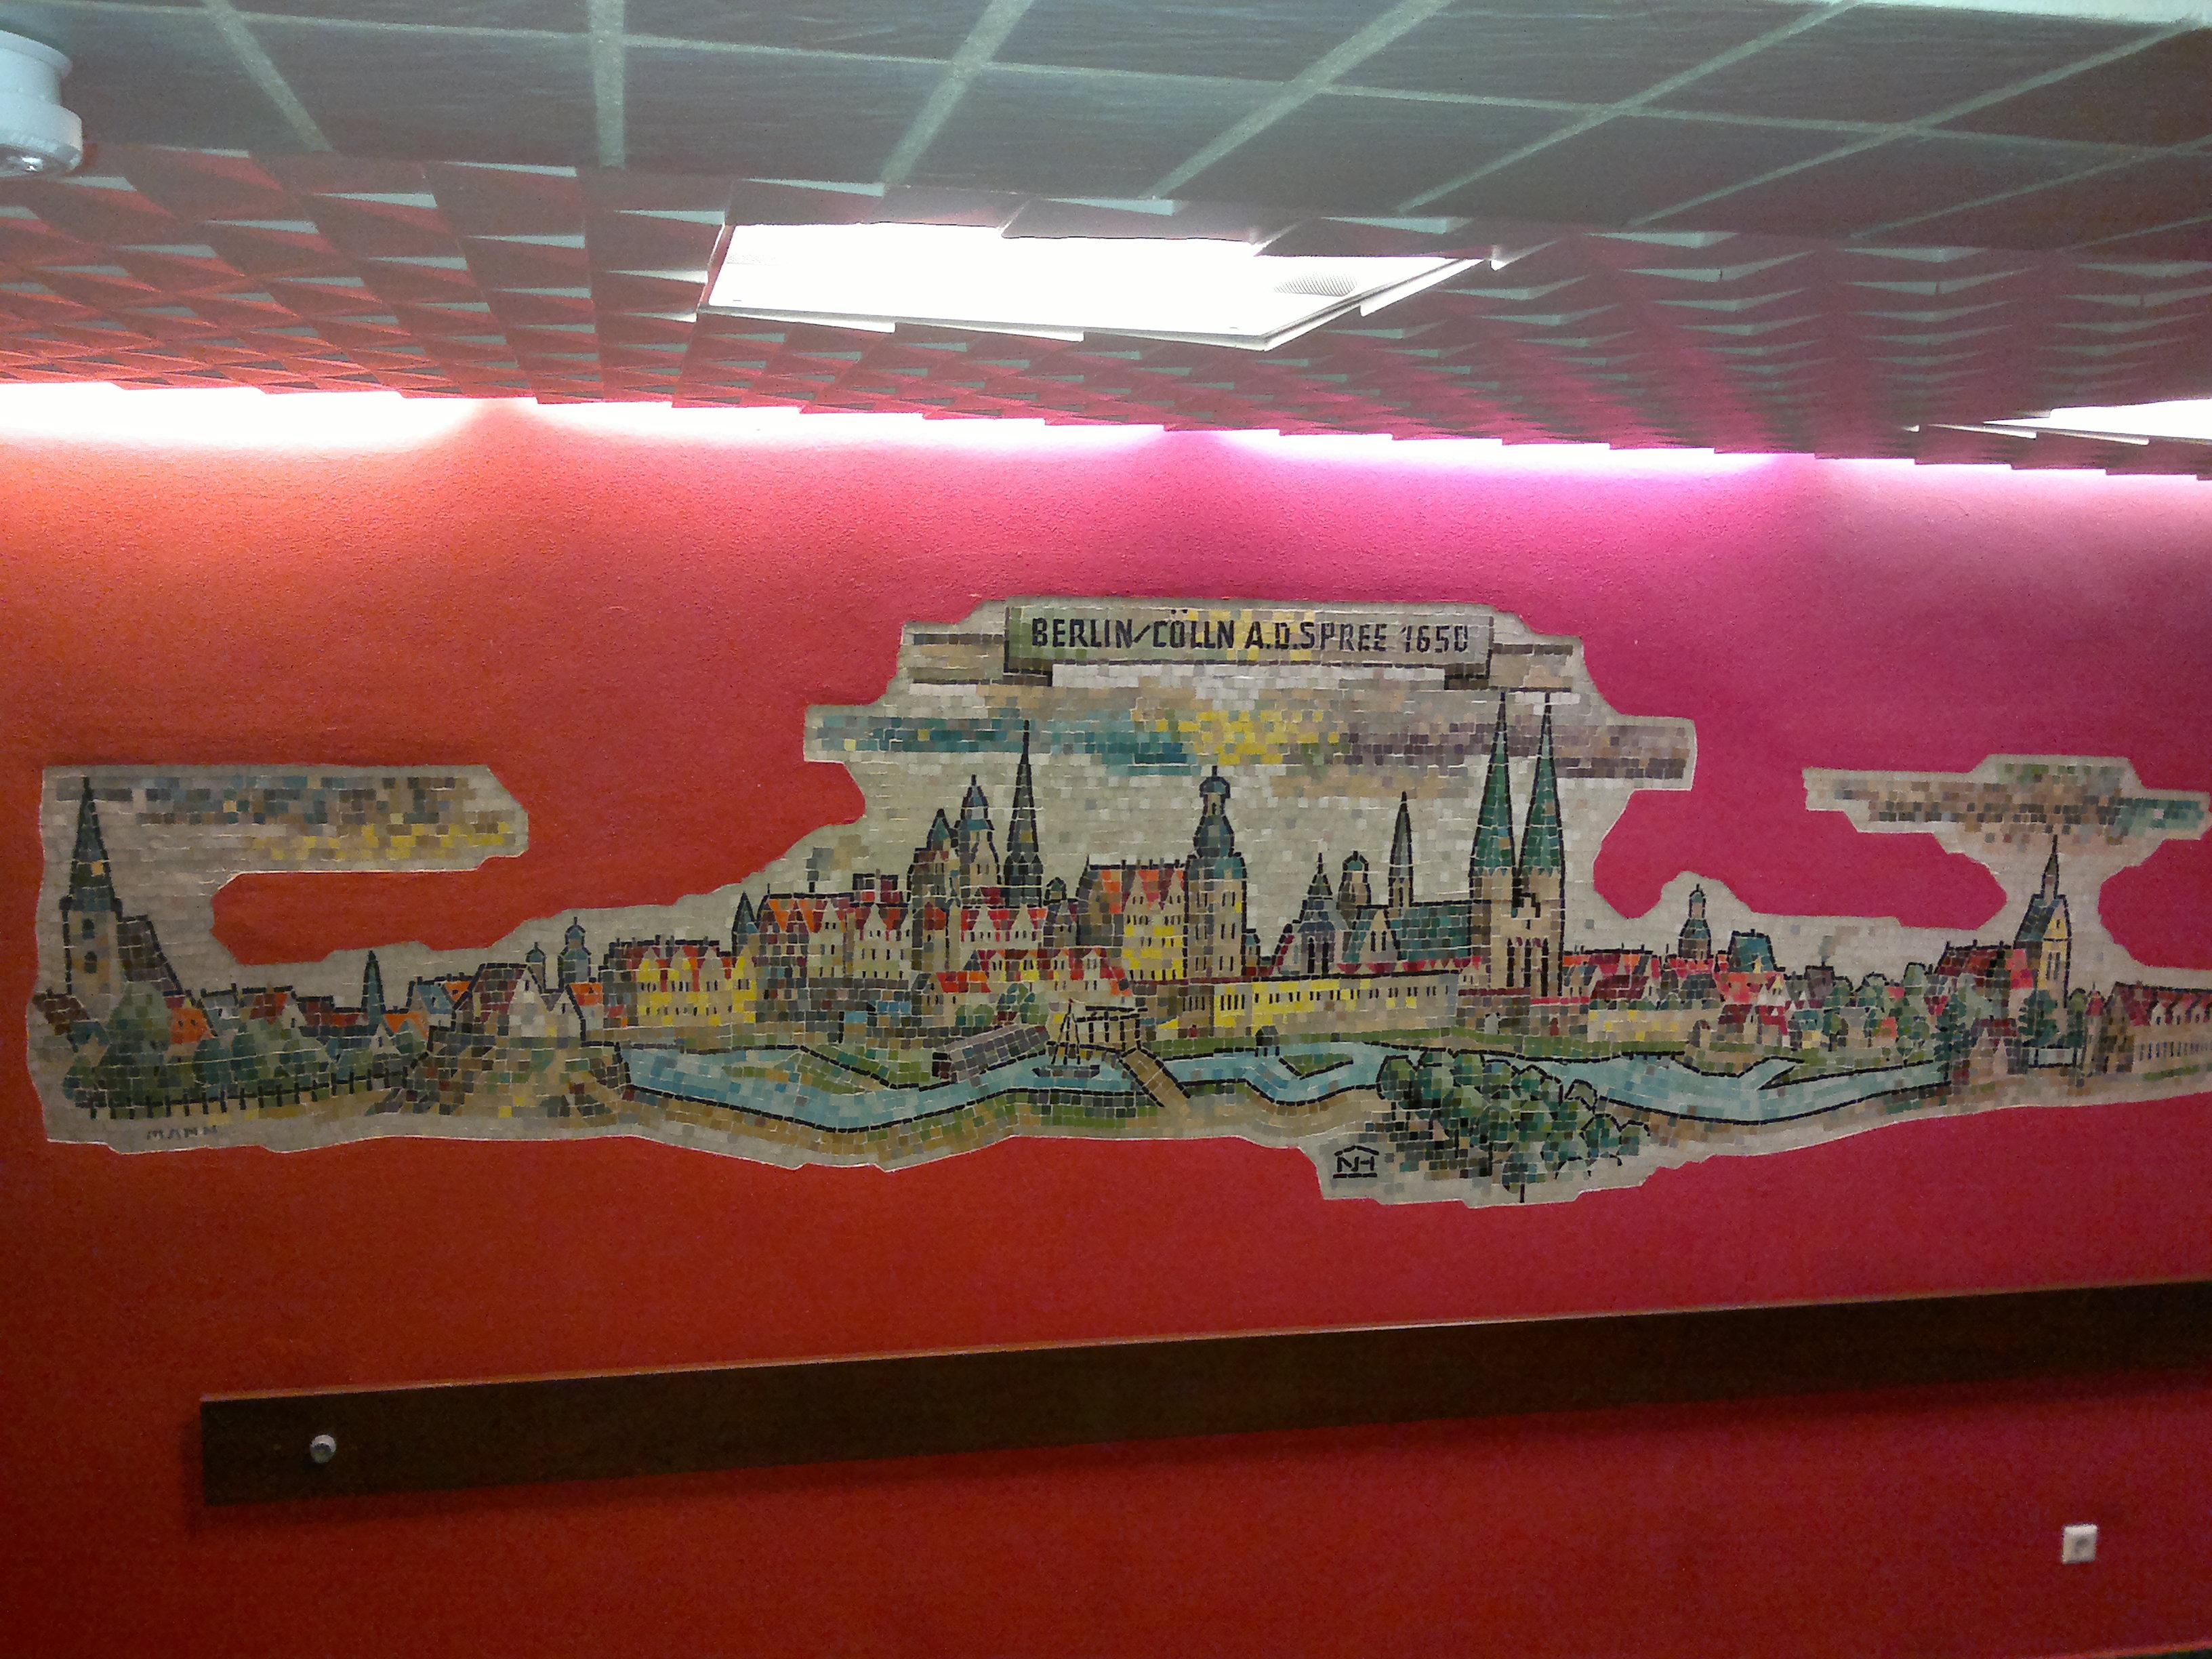 Mosaik Berlin file mosaik berlin cölln an der spree 1650 jpg wikimedia commons